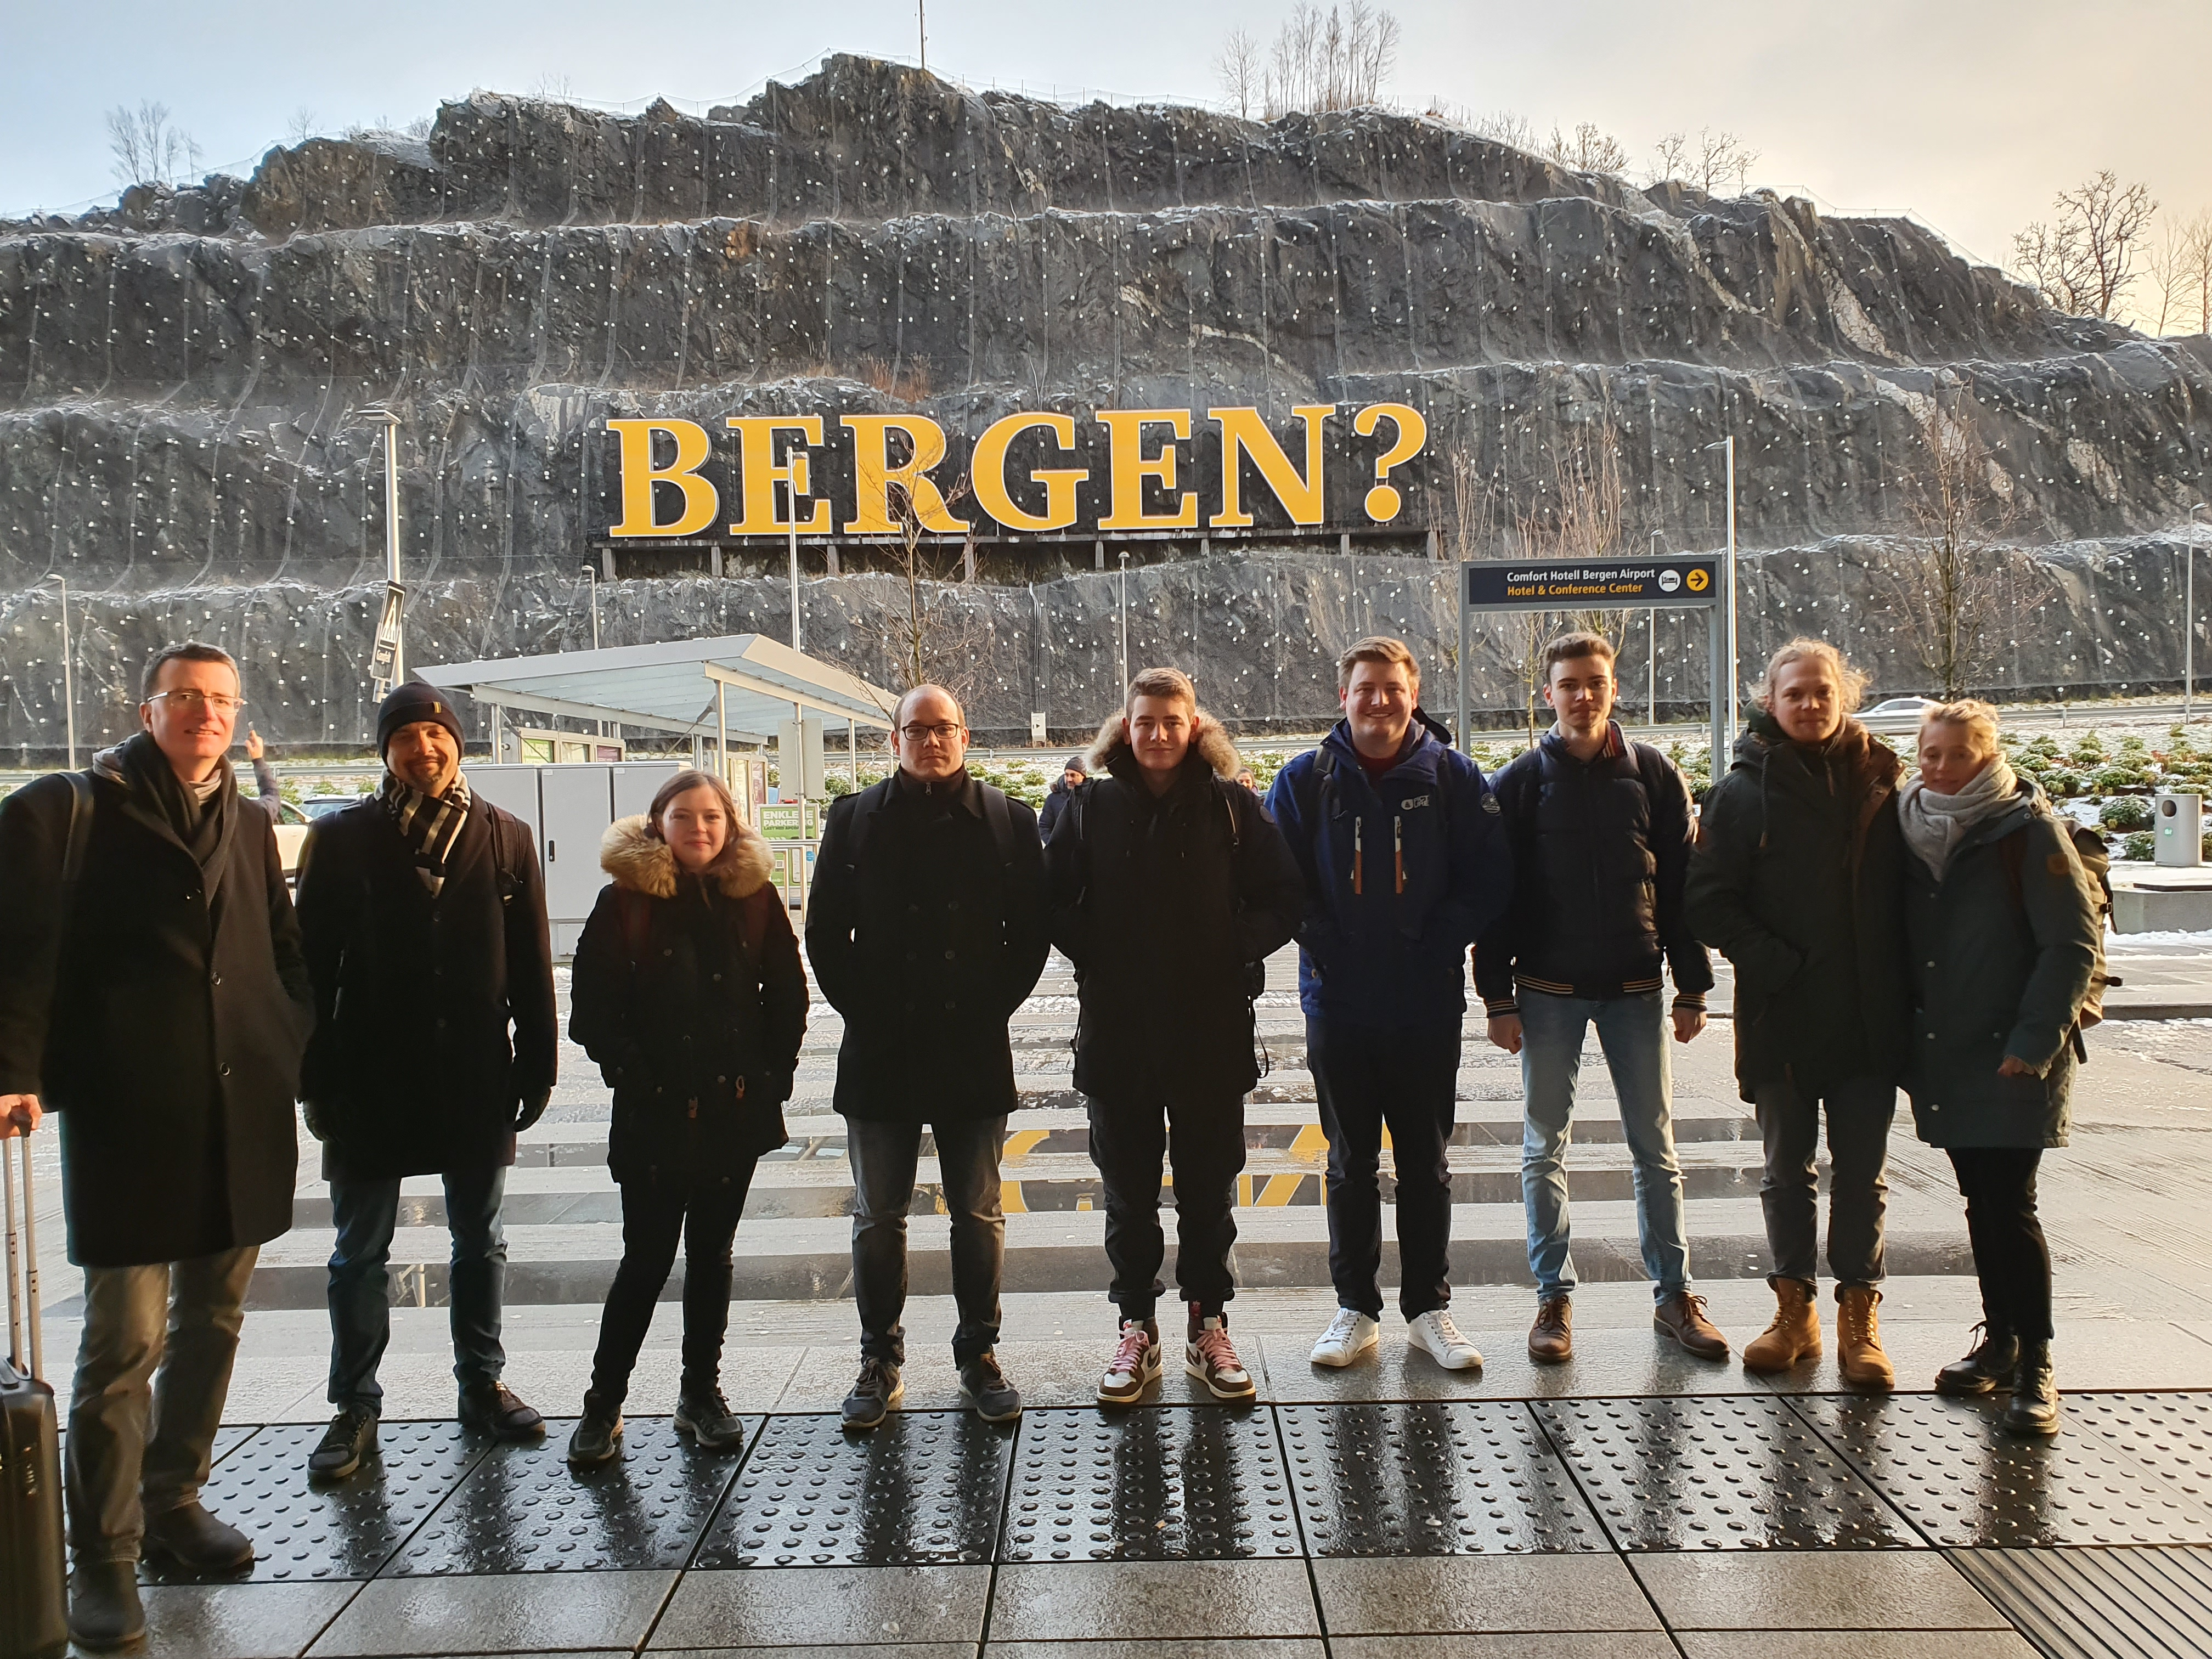 Werusys Bergen